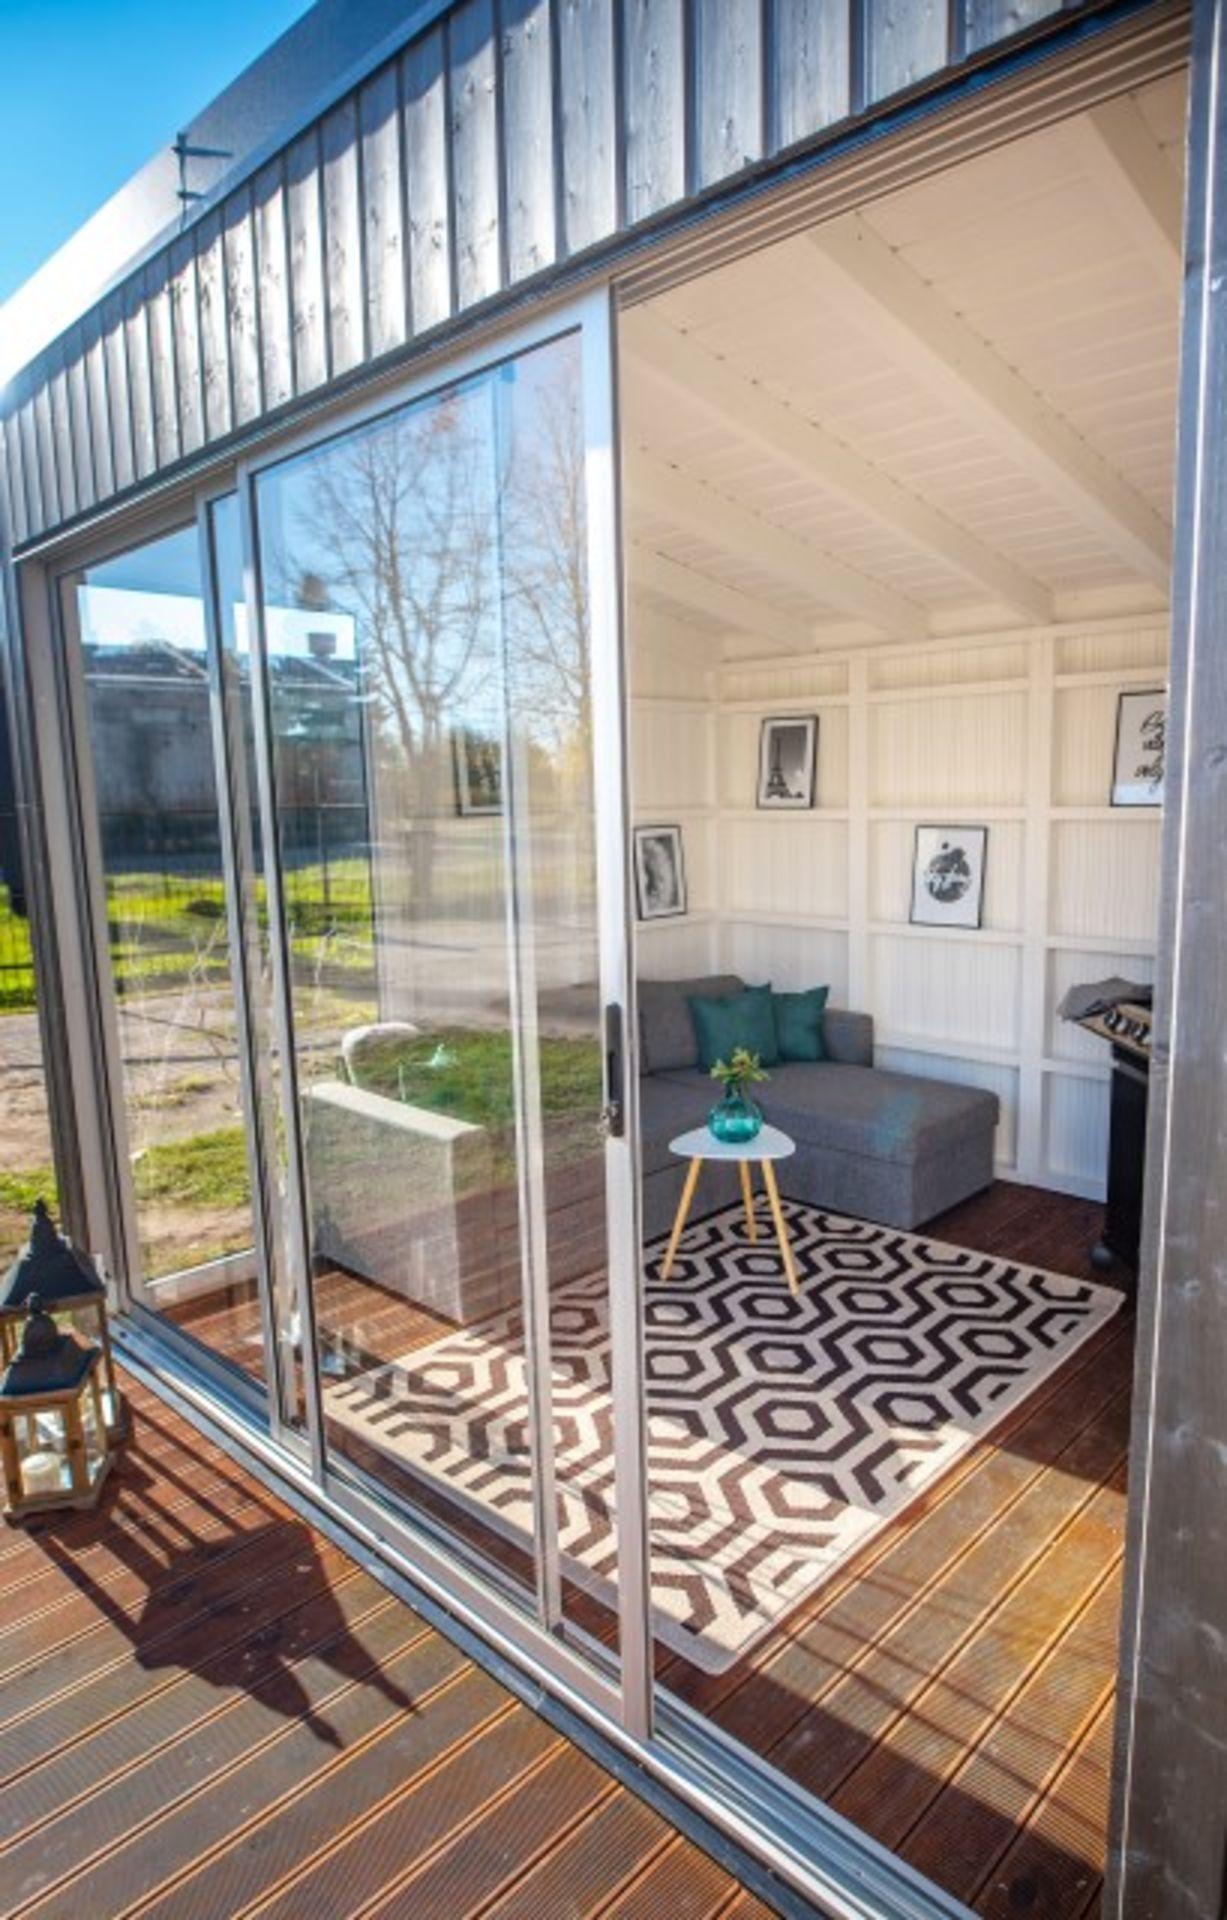 Lot 19030 - + VAT Brand New Fantastic 3m x 3m Garden Cube With Triple Sliding Glass Doors - Full Floor To